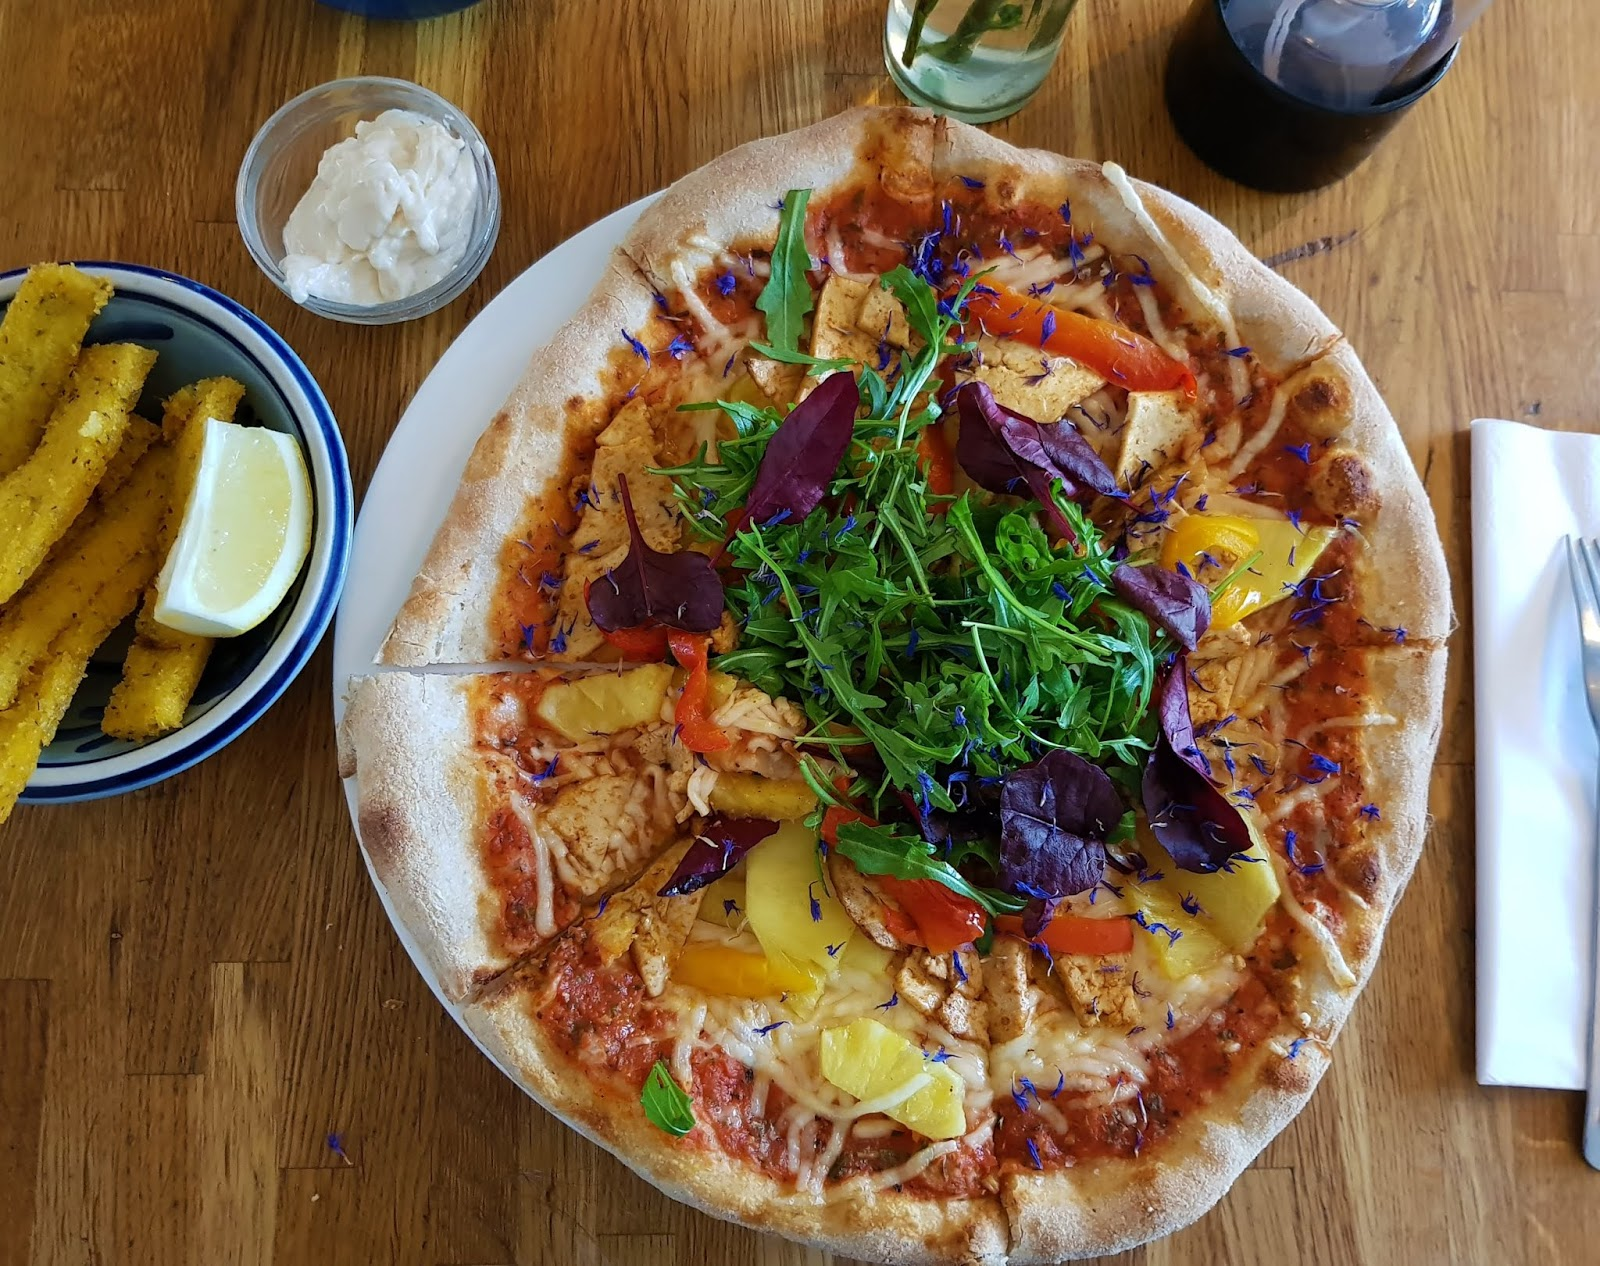 Plads N - Best vegan restaurants in Copenhagen - - Things to do in Copenhagen - Sustainable Copenhagen Travel Guide